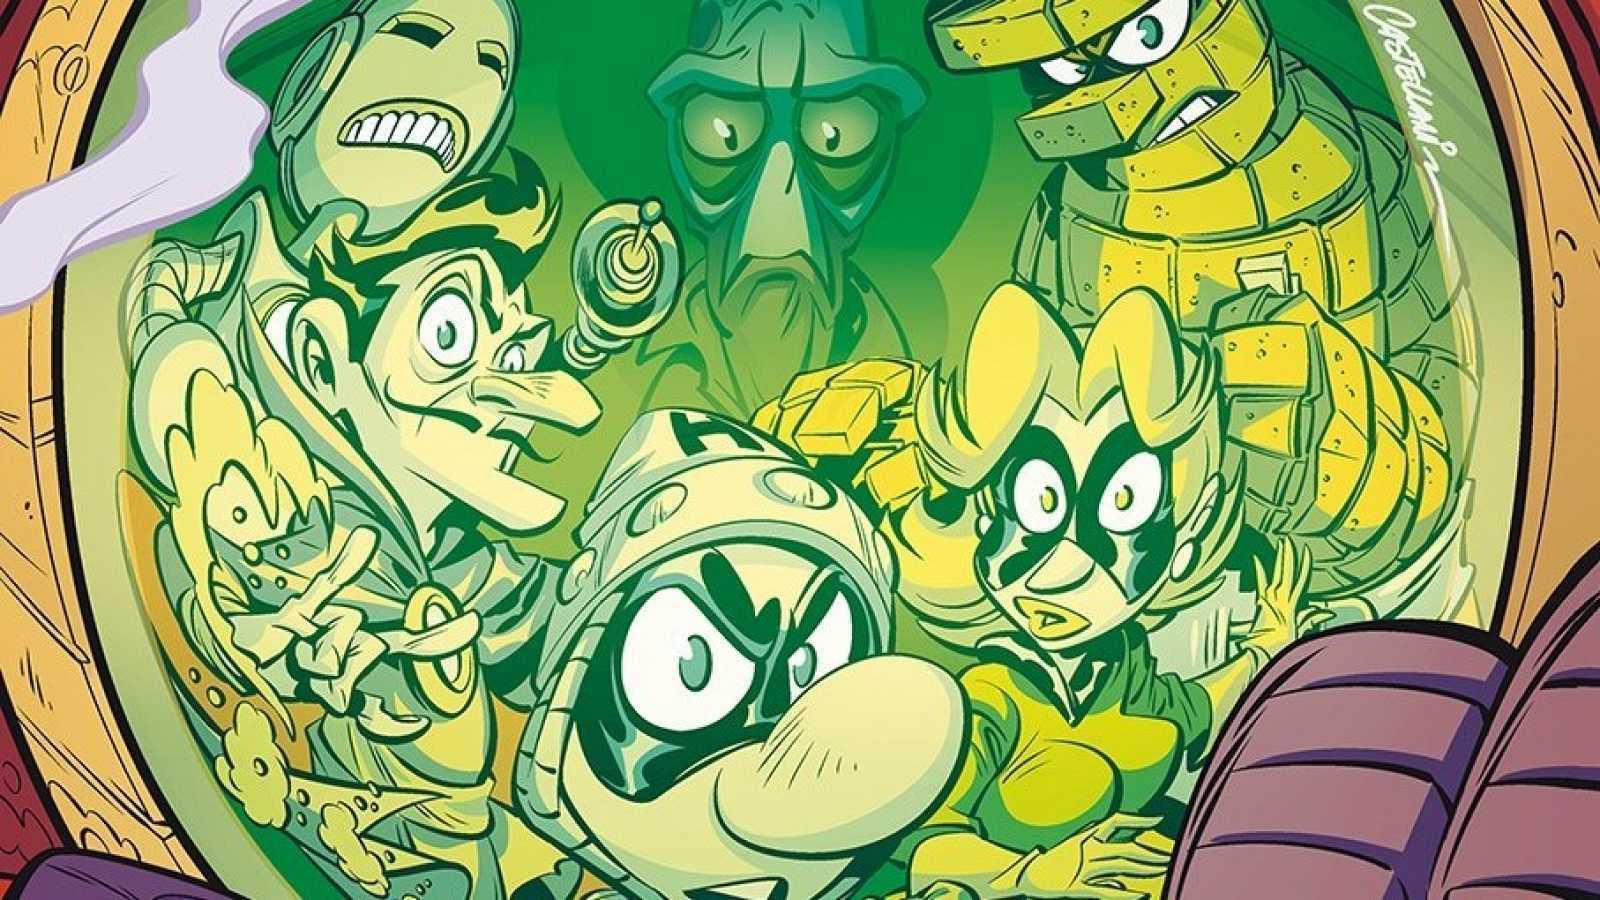 Viñetas y bocadillos - 'El Supergrupo: Éxodo' - 06/08/20 - Escuchar ahora -